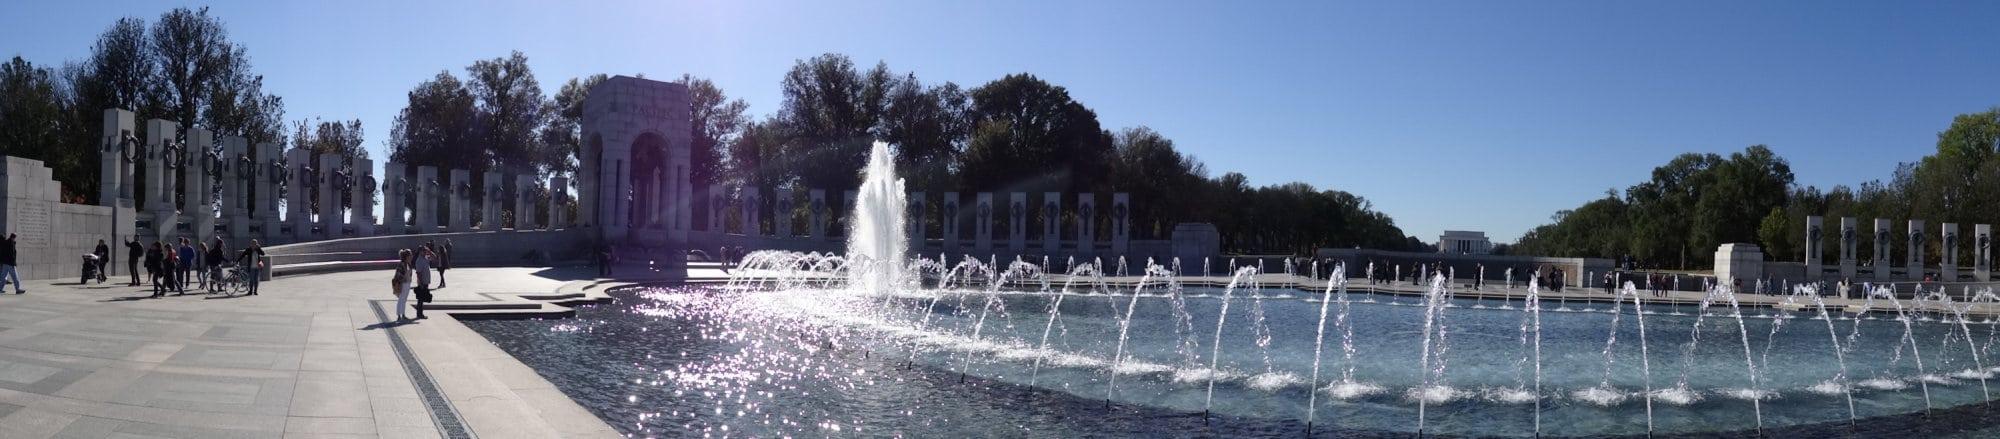 L'immense mémorial de la seconde guerre mondiale